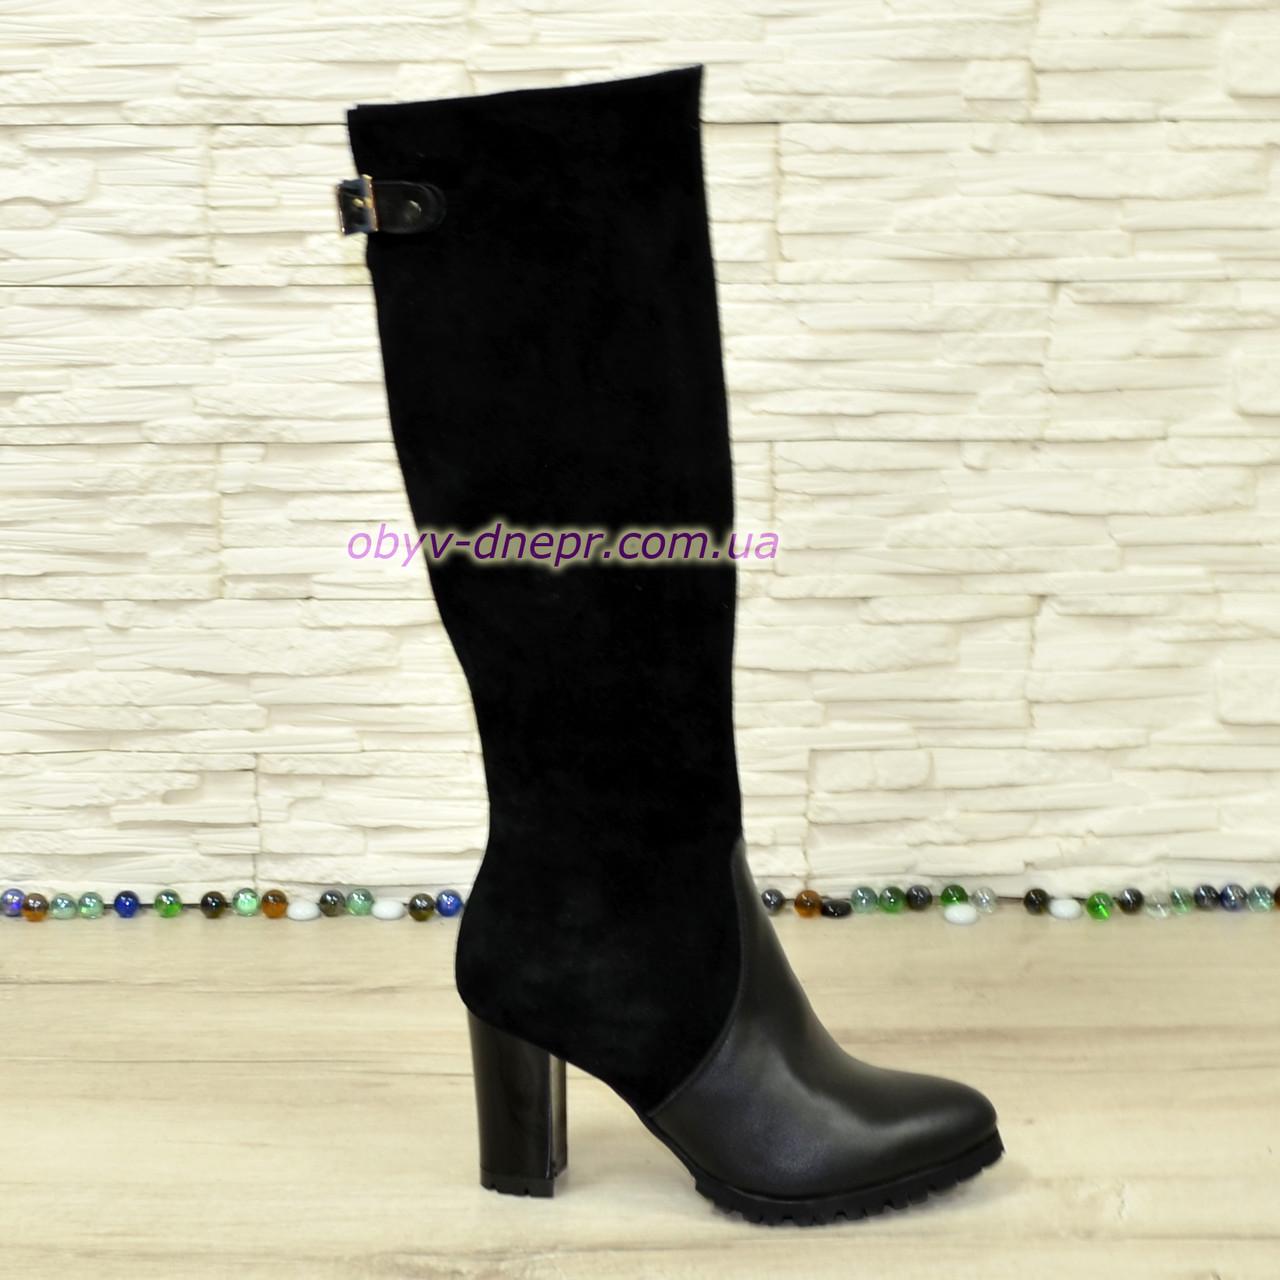 Сапоги женские демисезонные на устойчивом каблуке, натуральная кожа и замша.